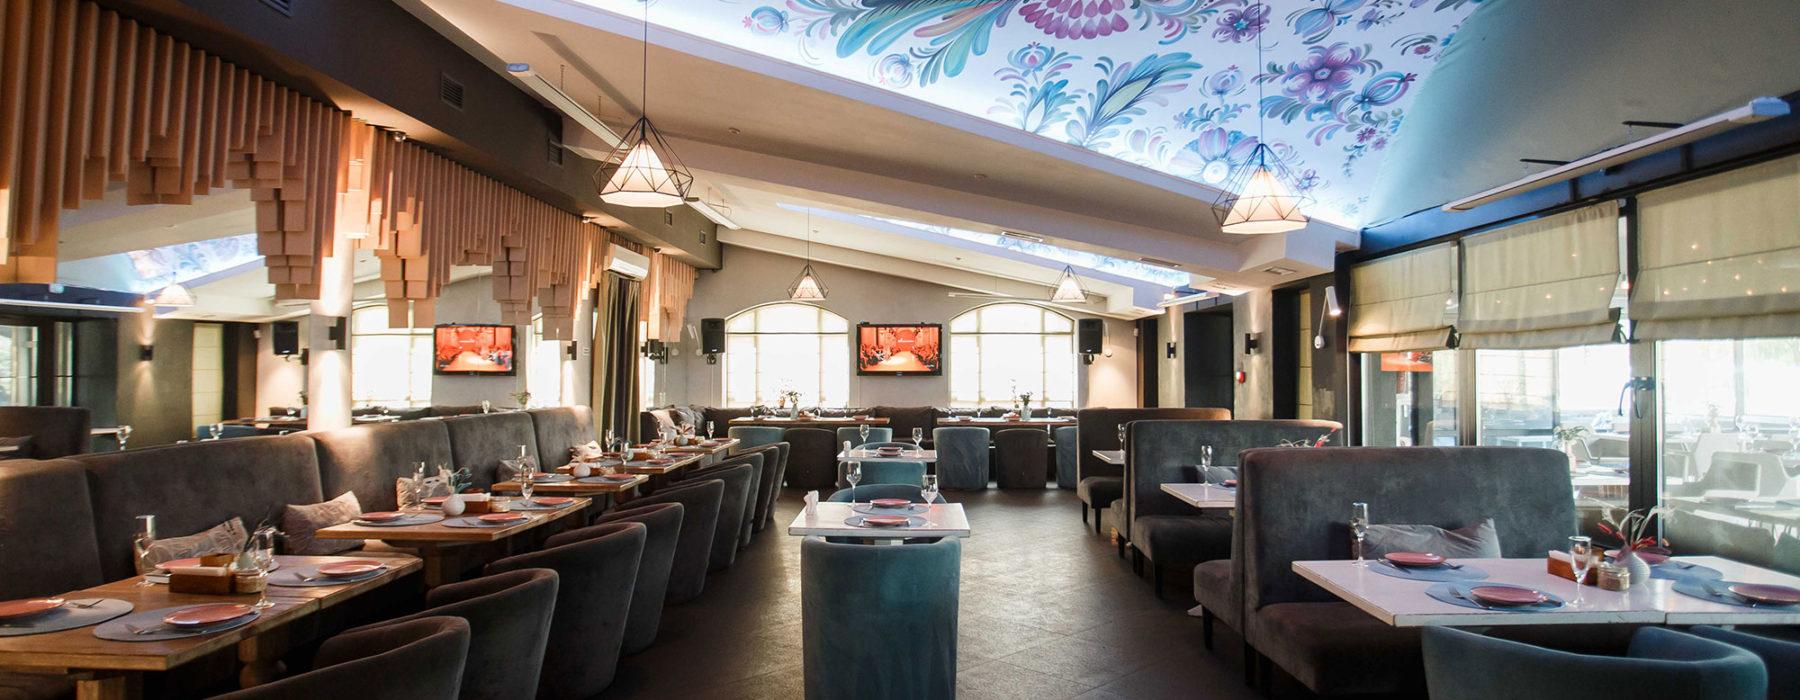 Prynada Ukrainian Cafe — воплощение всего самого вкусного, стильного и красивого, что есть в современной Украине